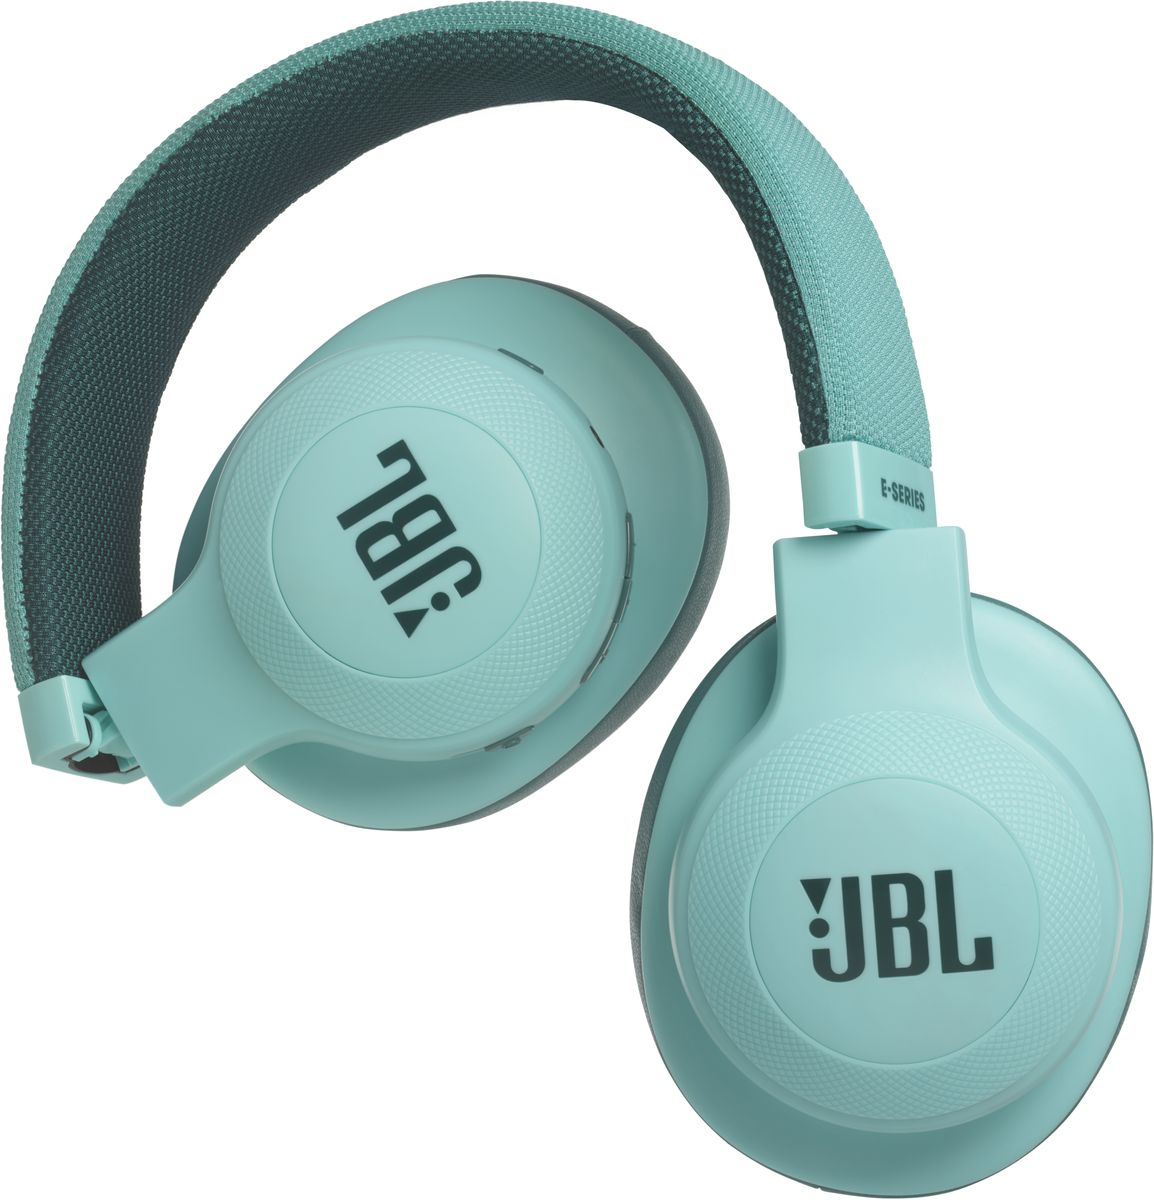 JBL E55BT, Teal беспроводные наушникиJBLE55BTTELБеспроводные накладные наушники JBL E55BT доставят легендарный звук JBL прямо вам в уши. E55BT - одна из наиболее универсальных моделей, отличающаяся длительной работой от аккумулятора (до 20 часов) и инновационным, стильным оголовьем с тканевой отделкой, подчеркивающим ваш модный образ. Эргономичный накладной дизайн означает, что вы можете не расставаться с любимой музыкой и получать дополнительное удовольствие, где бы вы ни были - на работе, в транспорте или просто в городе. Подключение к нескольким устройствам позволяет с легкостью переключаться между двумя устройствами, поэтому вы никогда не пропустите звонок. Благодаря элегантному внешнему виду, различным цветовым решениям и дополнительному удобству съемного кабеля с пультом управления и микрофоном вам никогда не захочется расставаться с наушниками E55BT.